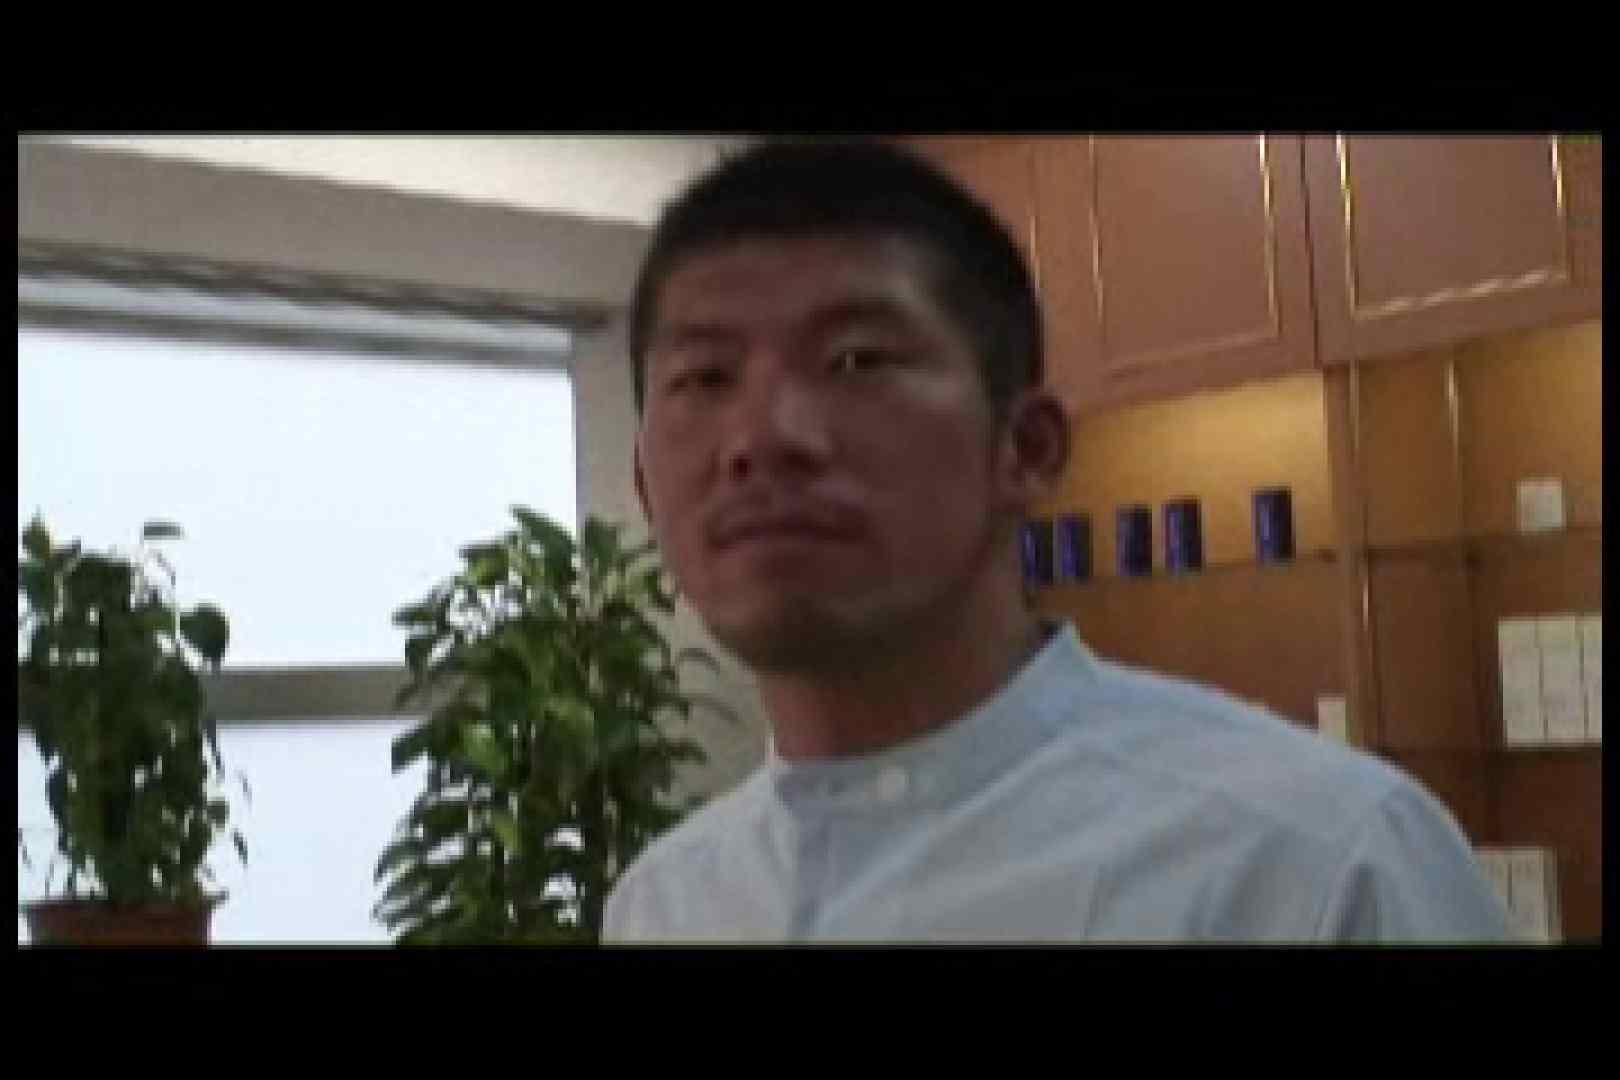 イケメンエステサロン! エロすぎる映像 男同士動画 63画像 2